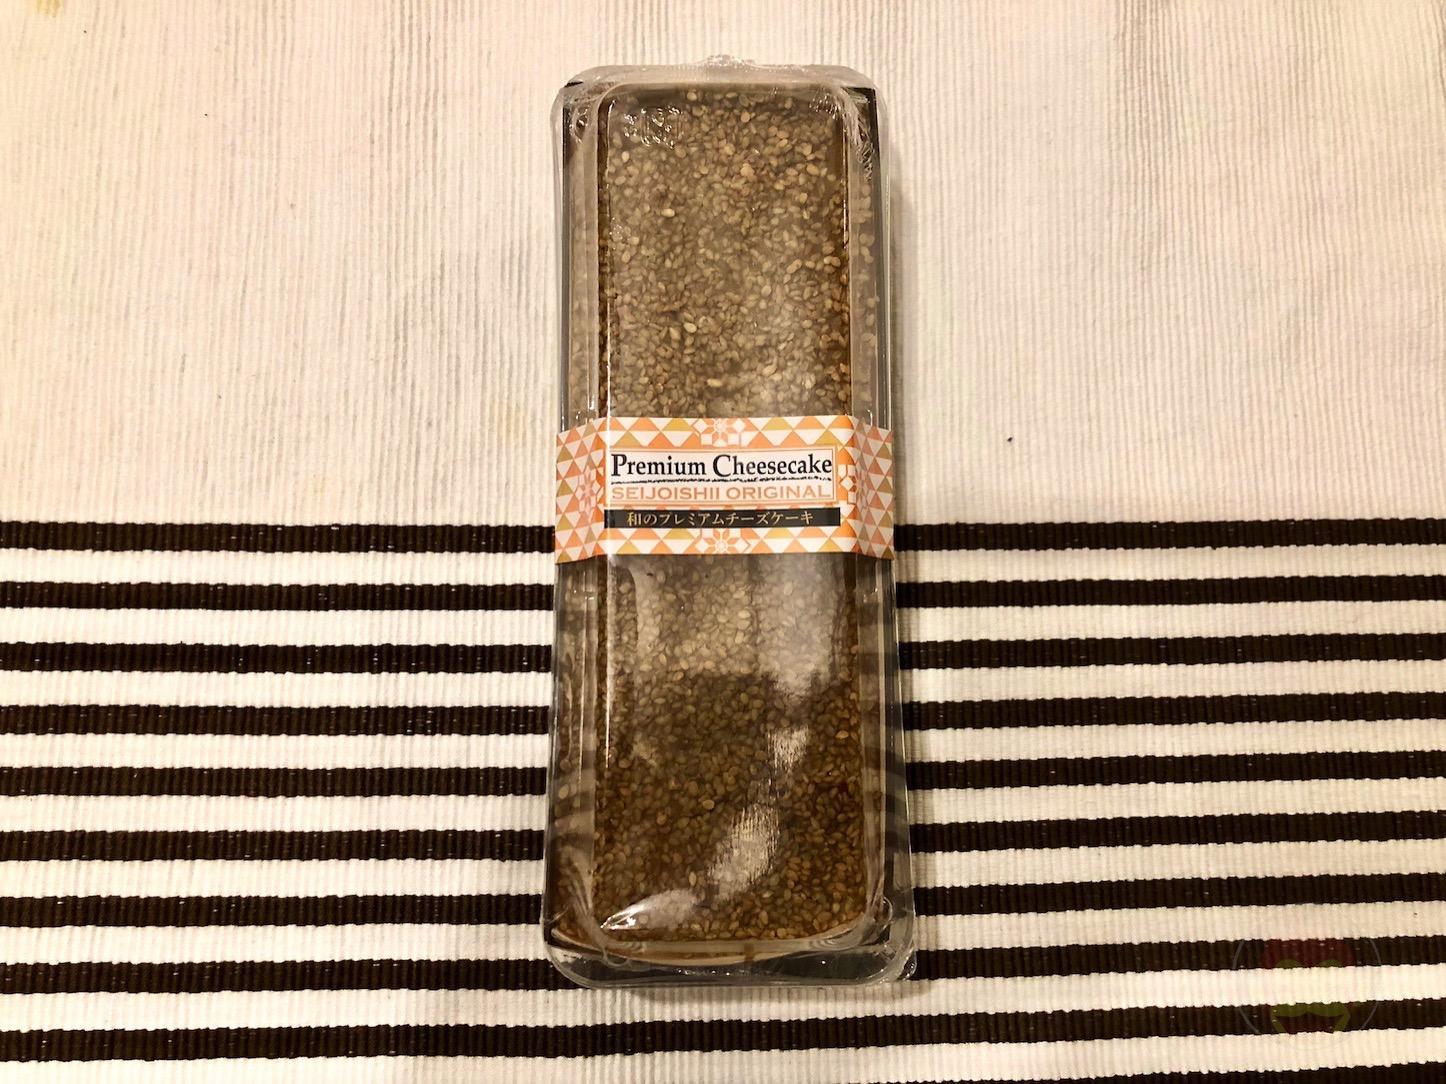 Premium-Cheesecake-Japanese-Style-01.jpg